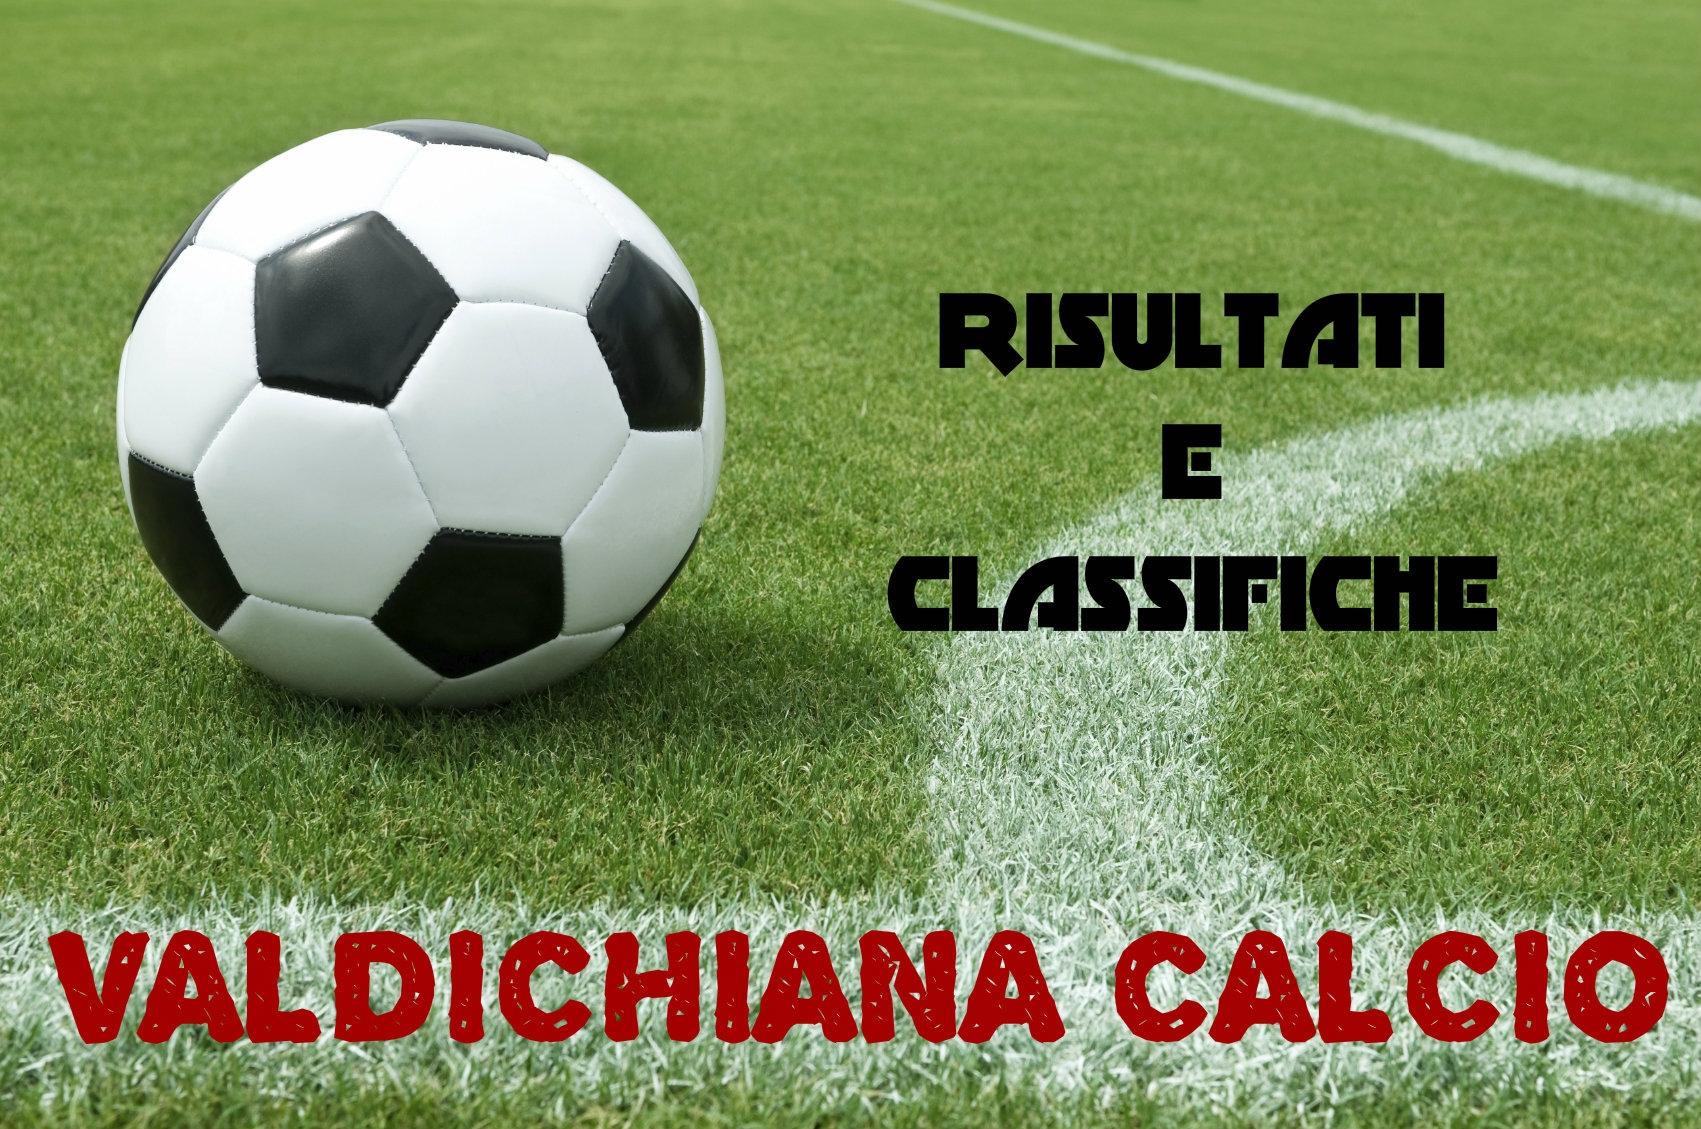 Calcio dilettanti: risultati e classifiche